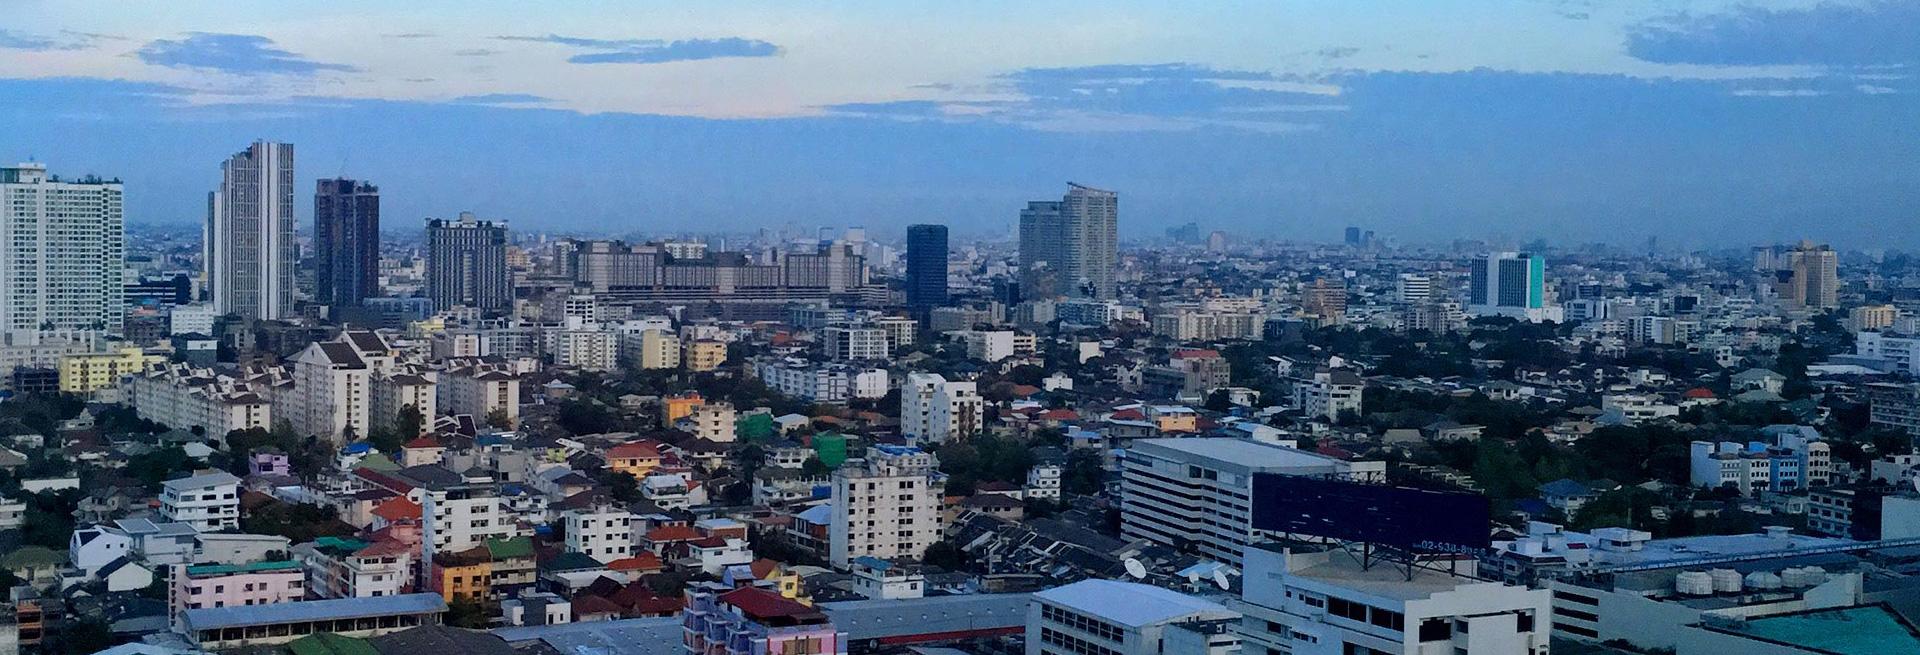 บ้านเดี่ยว ทาวน์โฮม รังสิต ลำลูกกา สายไหม ปทุมธานี ทำเลศักยภาพย่านชานเมือง ตอบโจทย์การเดินทาง